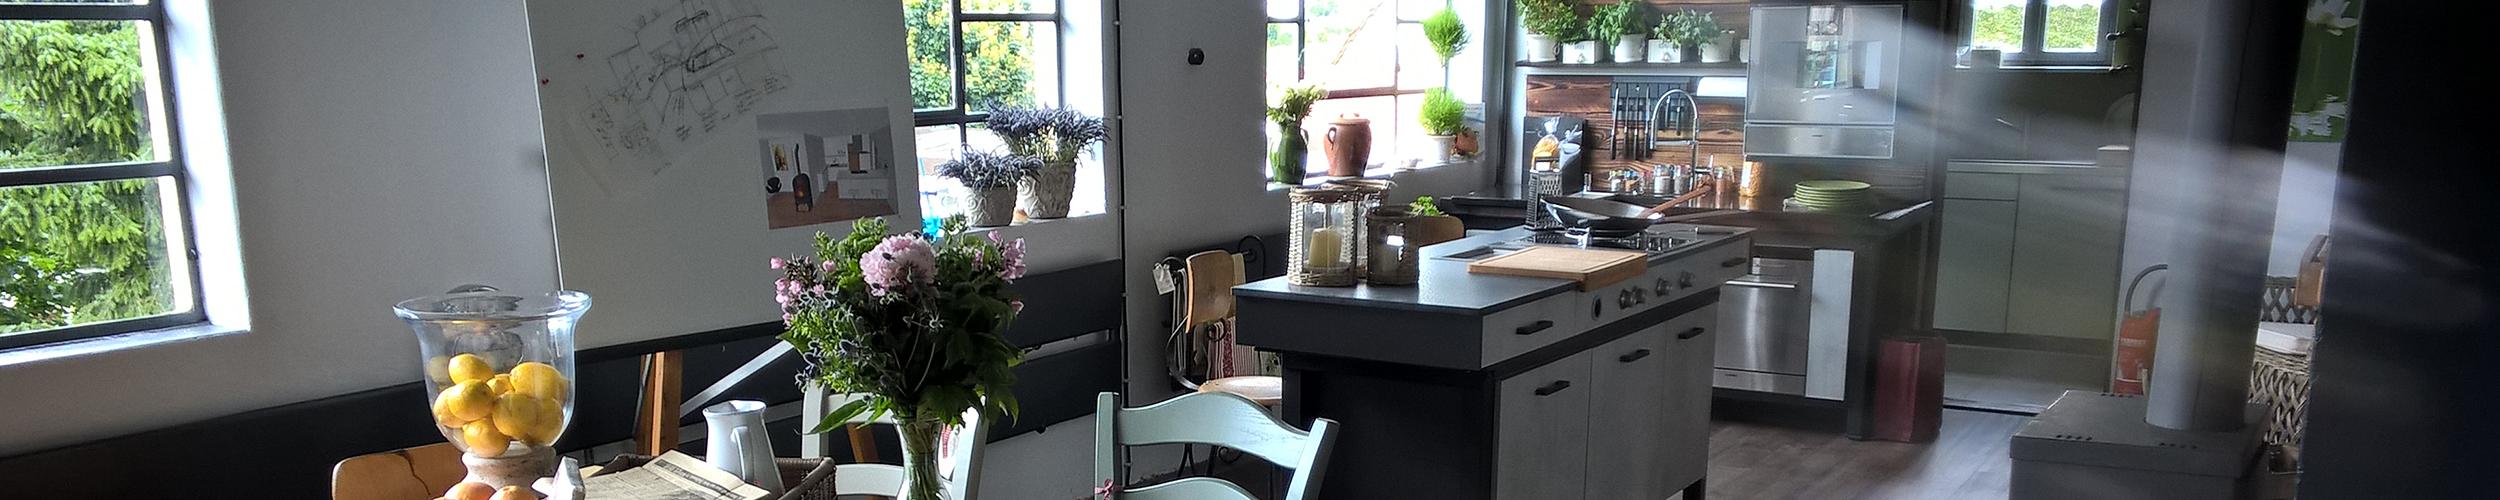 kueche_kitchen4me